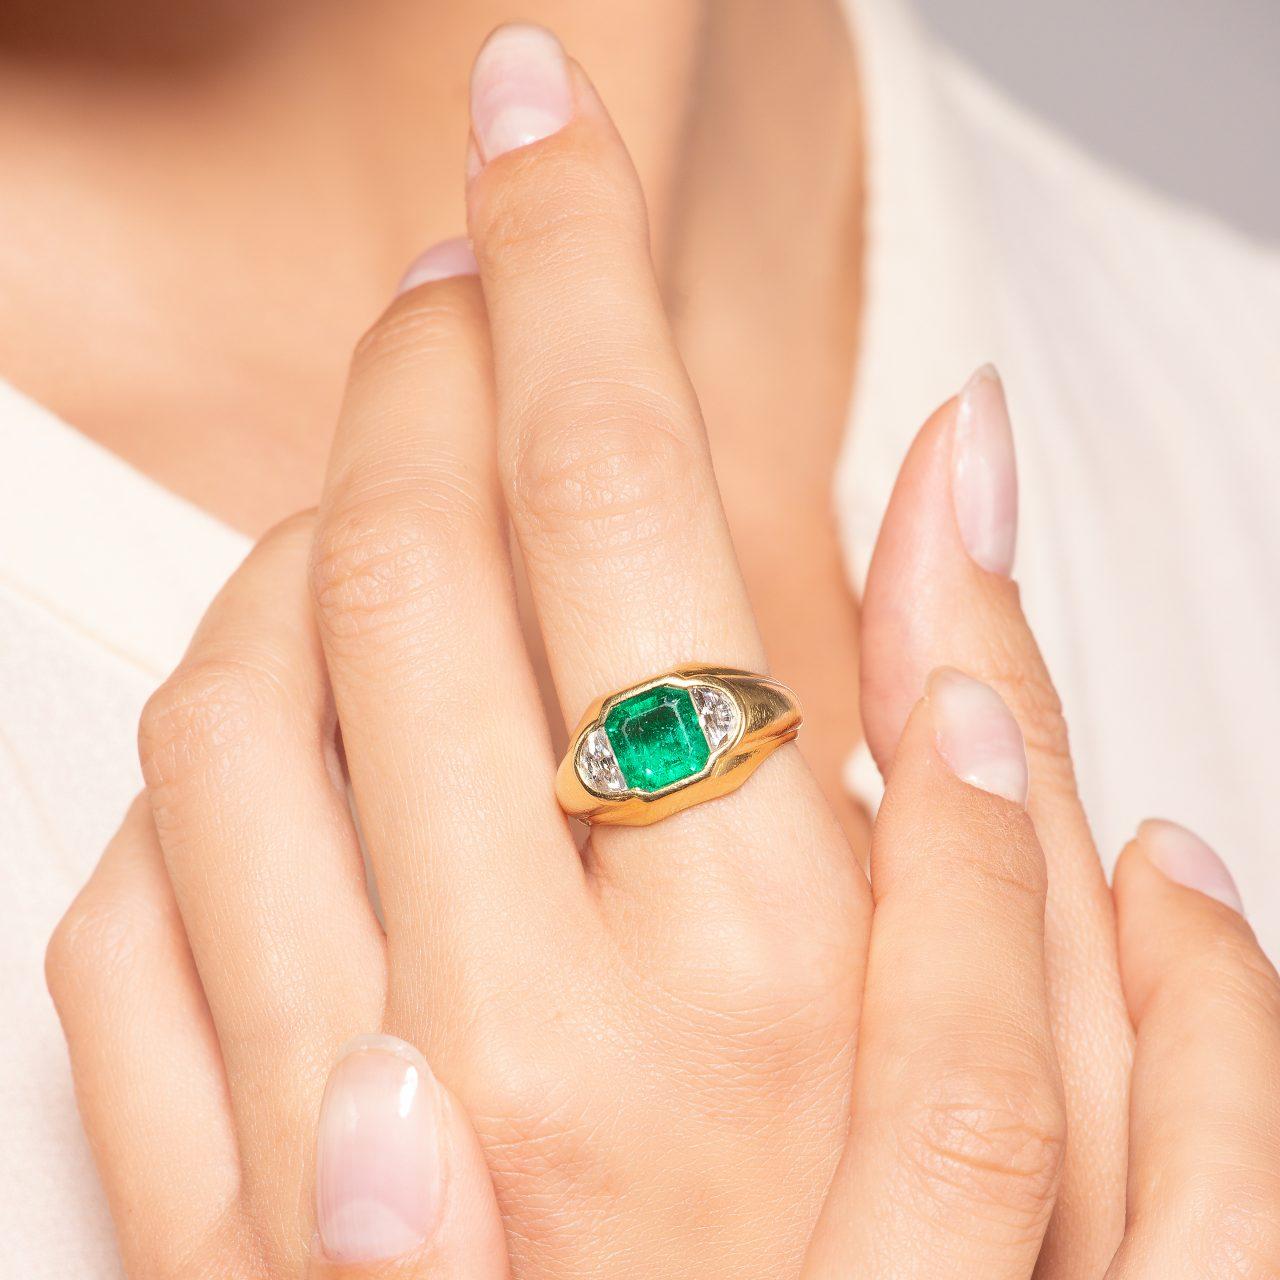 Bulgari anello in Oro Giallo 18k con Smeraldo e diamanti indossato